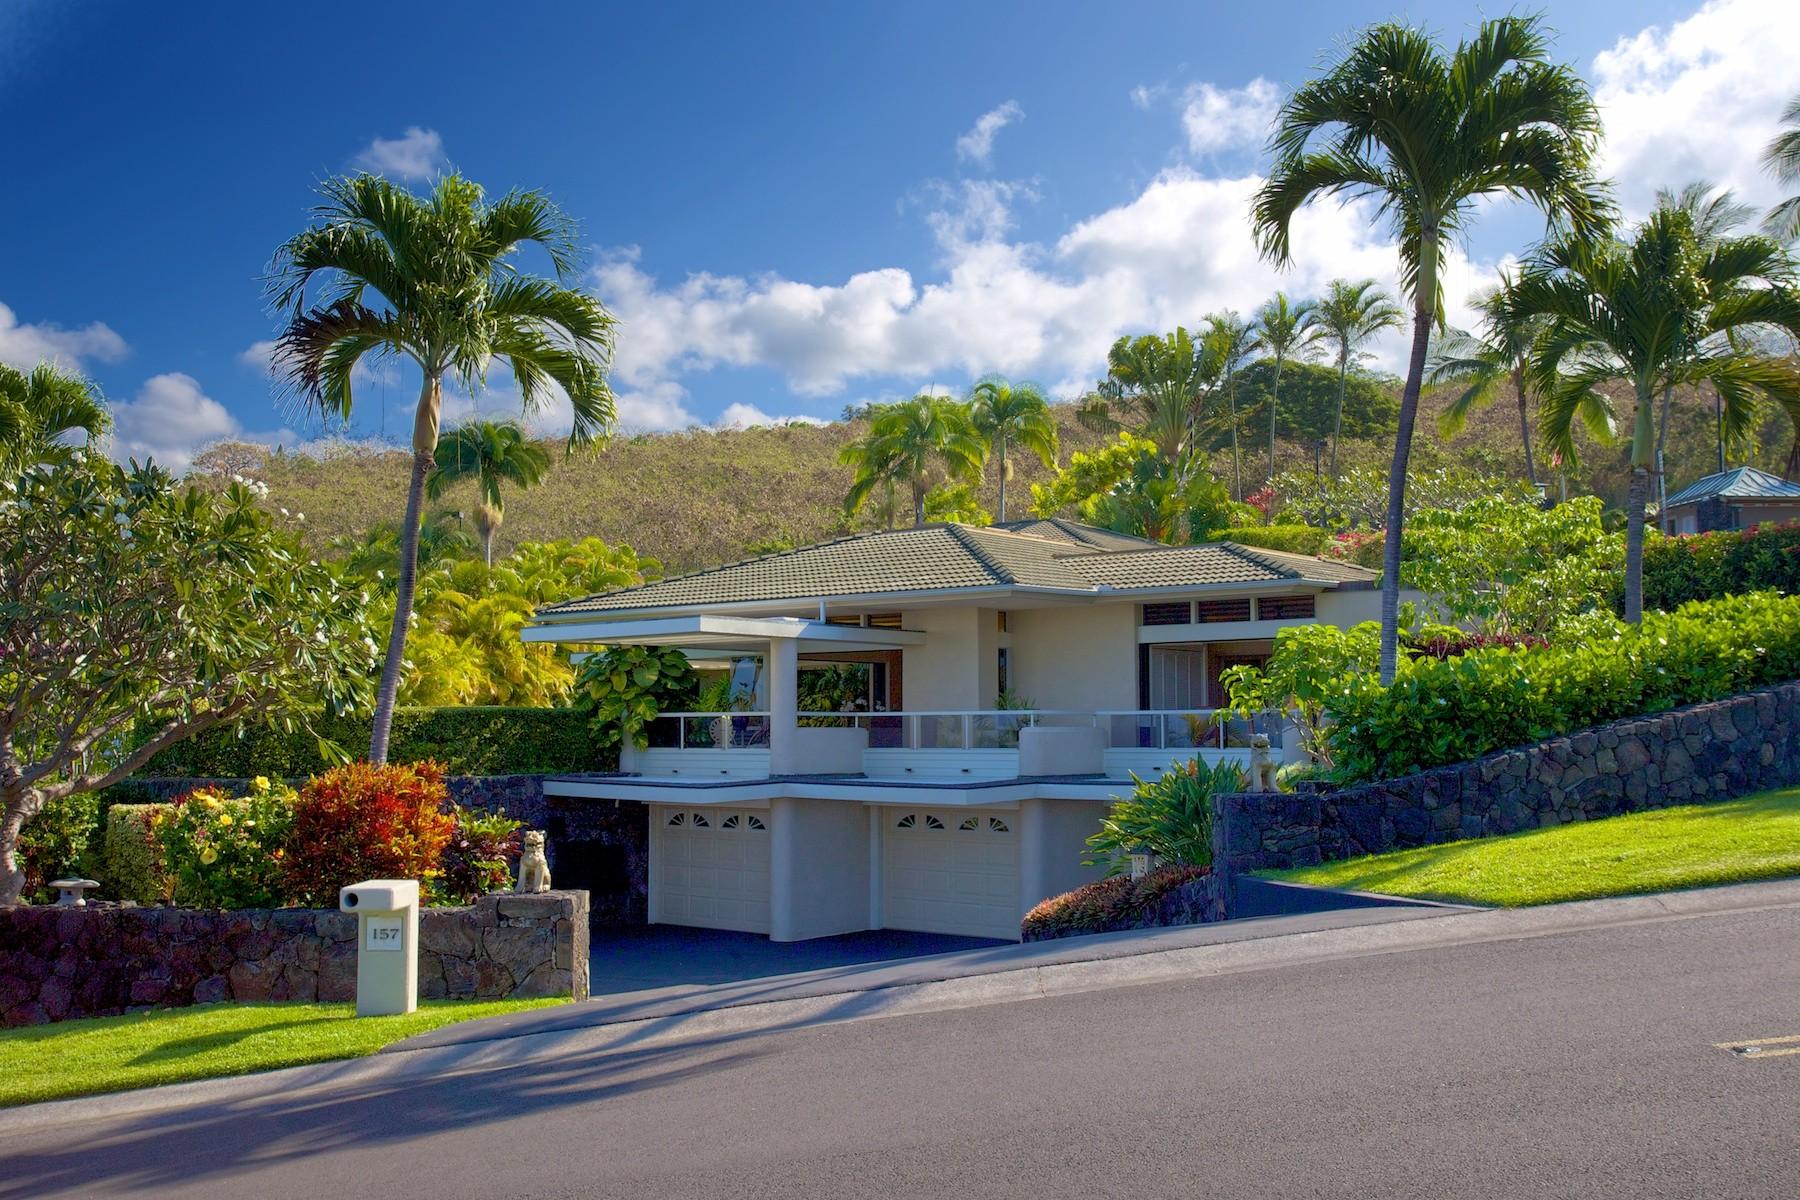 独户住宅 为 销售 在 Keauhou Estates 78-6807 Kuhinanui Way 纳市, 夏威夷, 96740 美国